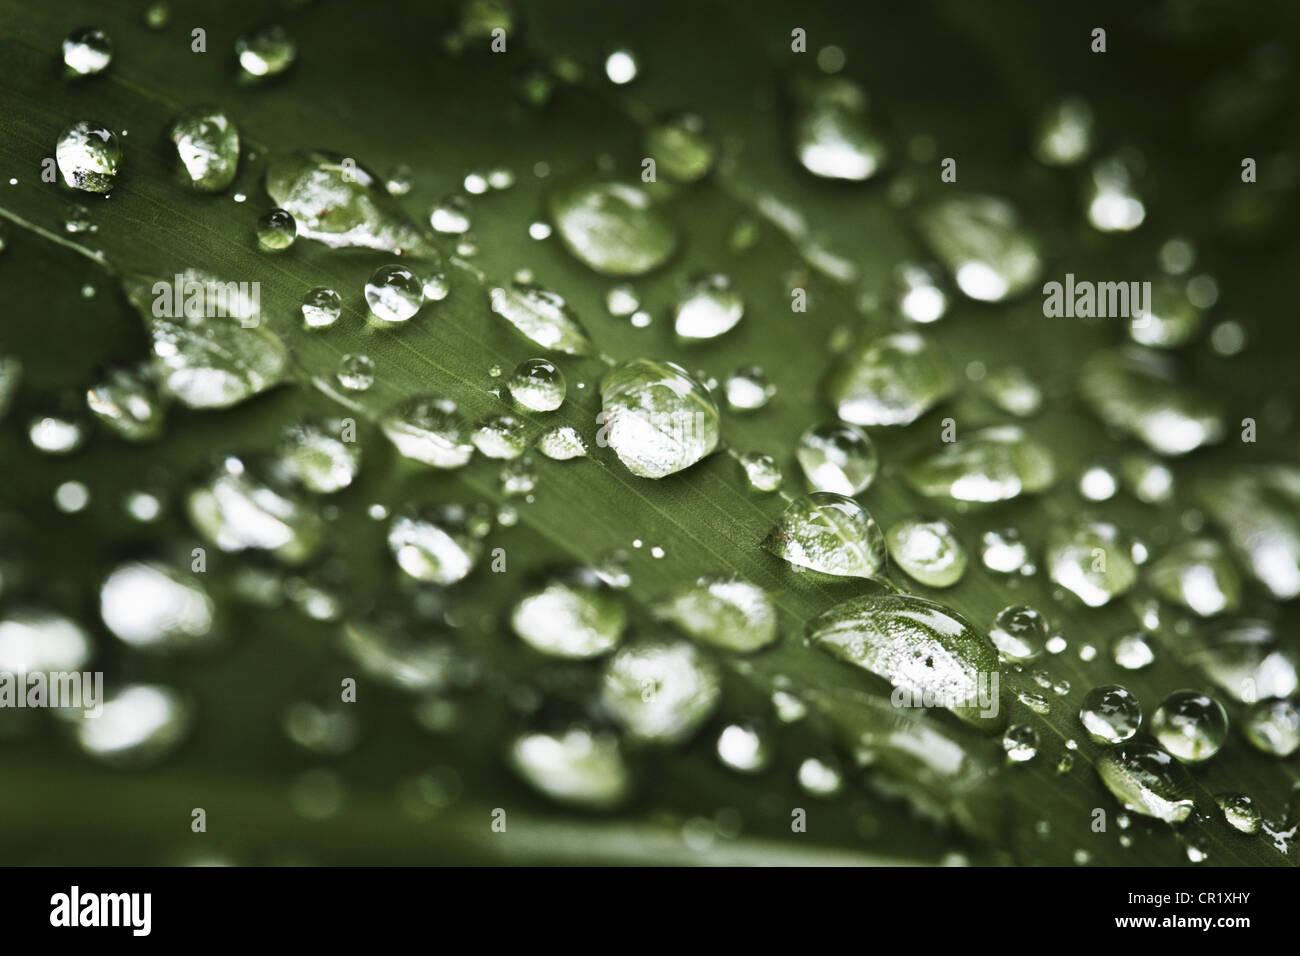 Cerca de las gotas de agua en la hoja Imagen De Stock